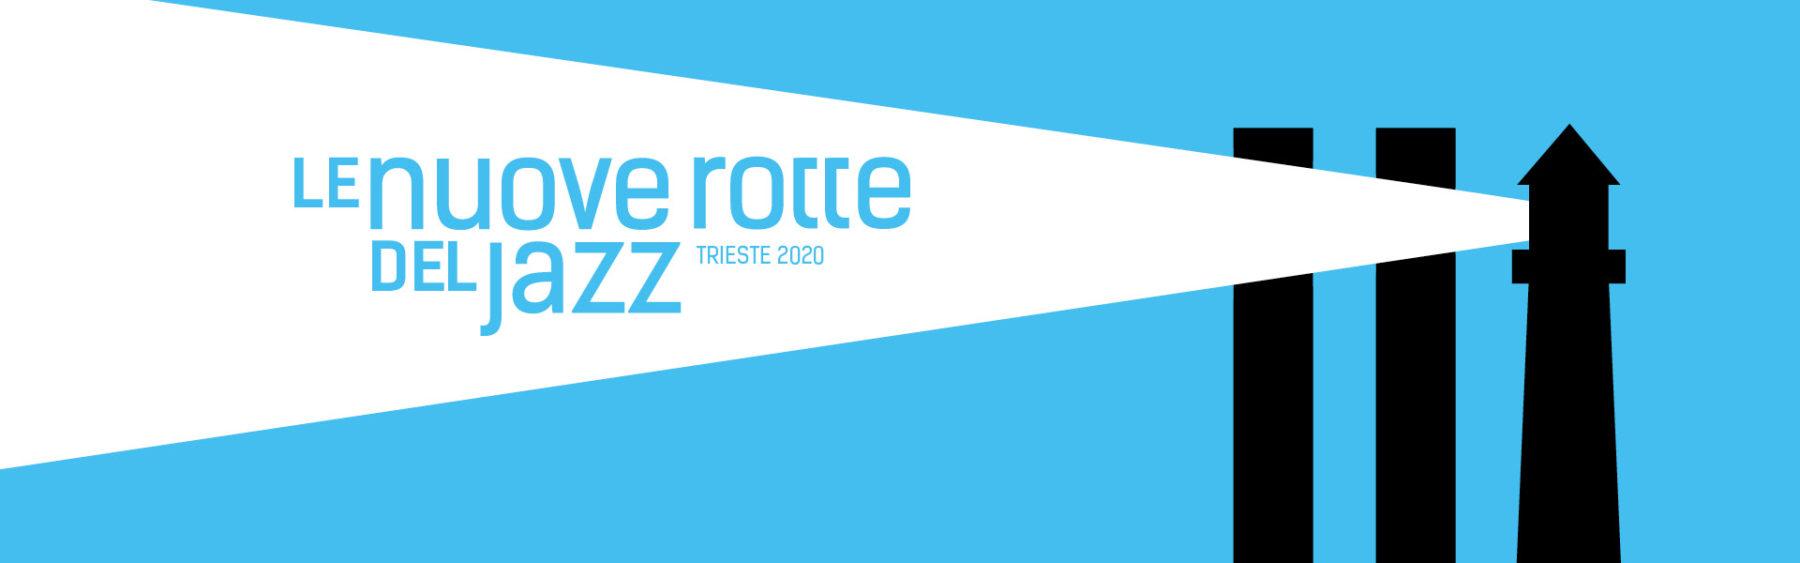 Le nuove rotte del jazz 2020